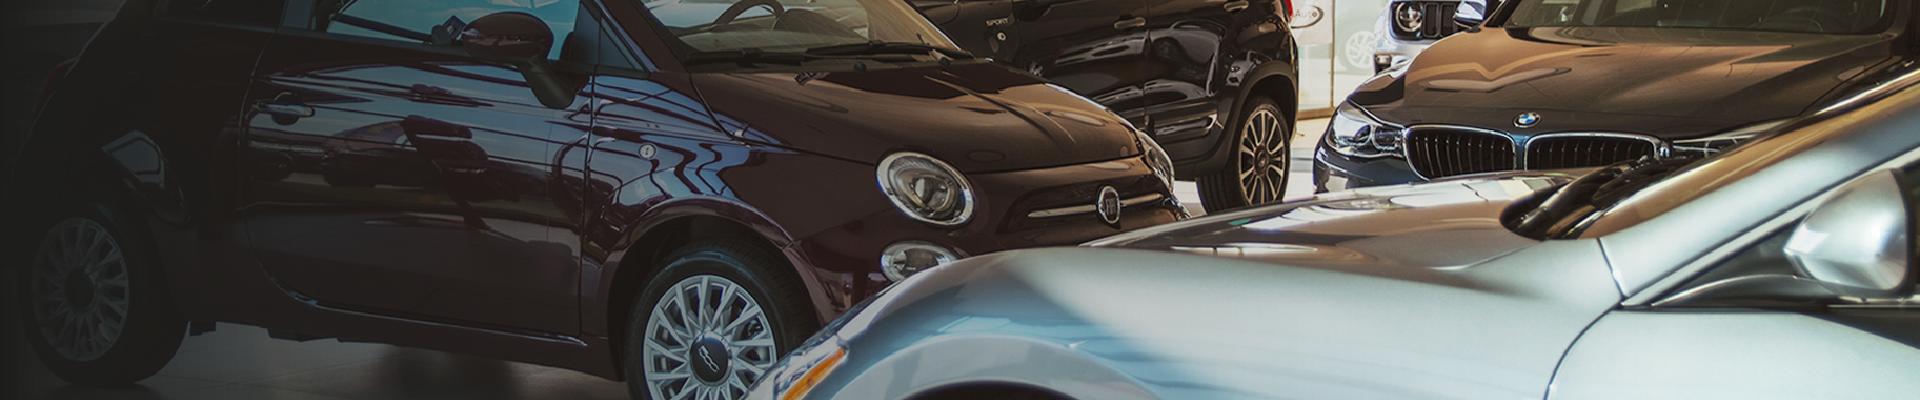 Noleggio lungo termine Frattin Auto